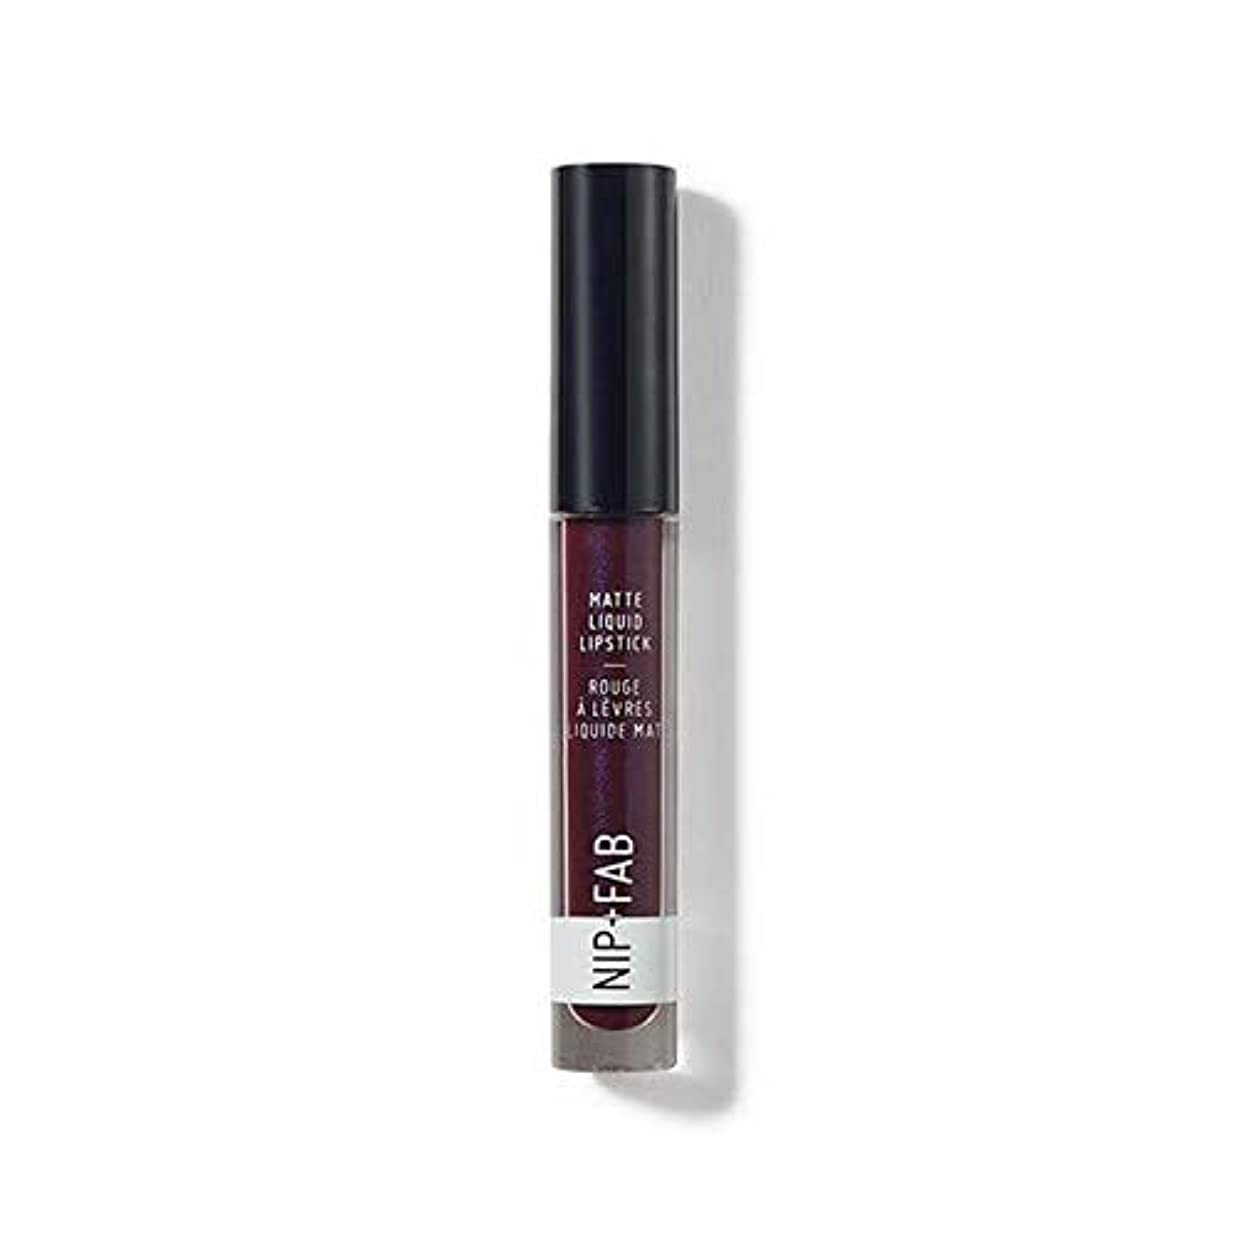 怒る強要純度[Nip & Fab ] + Fabマット液体口紅ブラックグレープ55ニップ - Nip+Fab Matte Liquid Lipstick Black Grape 55 [並行輸入品]